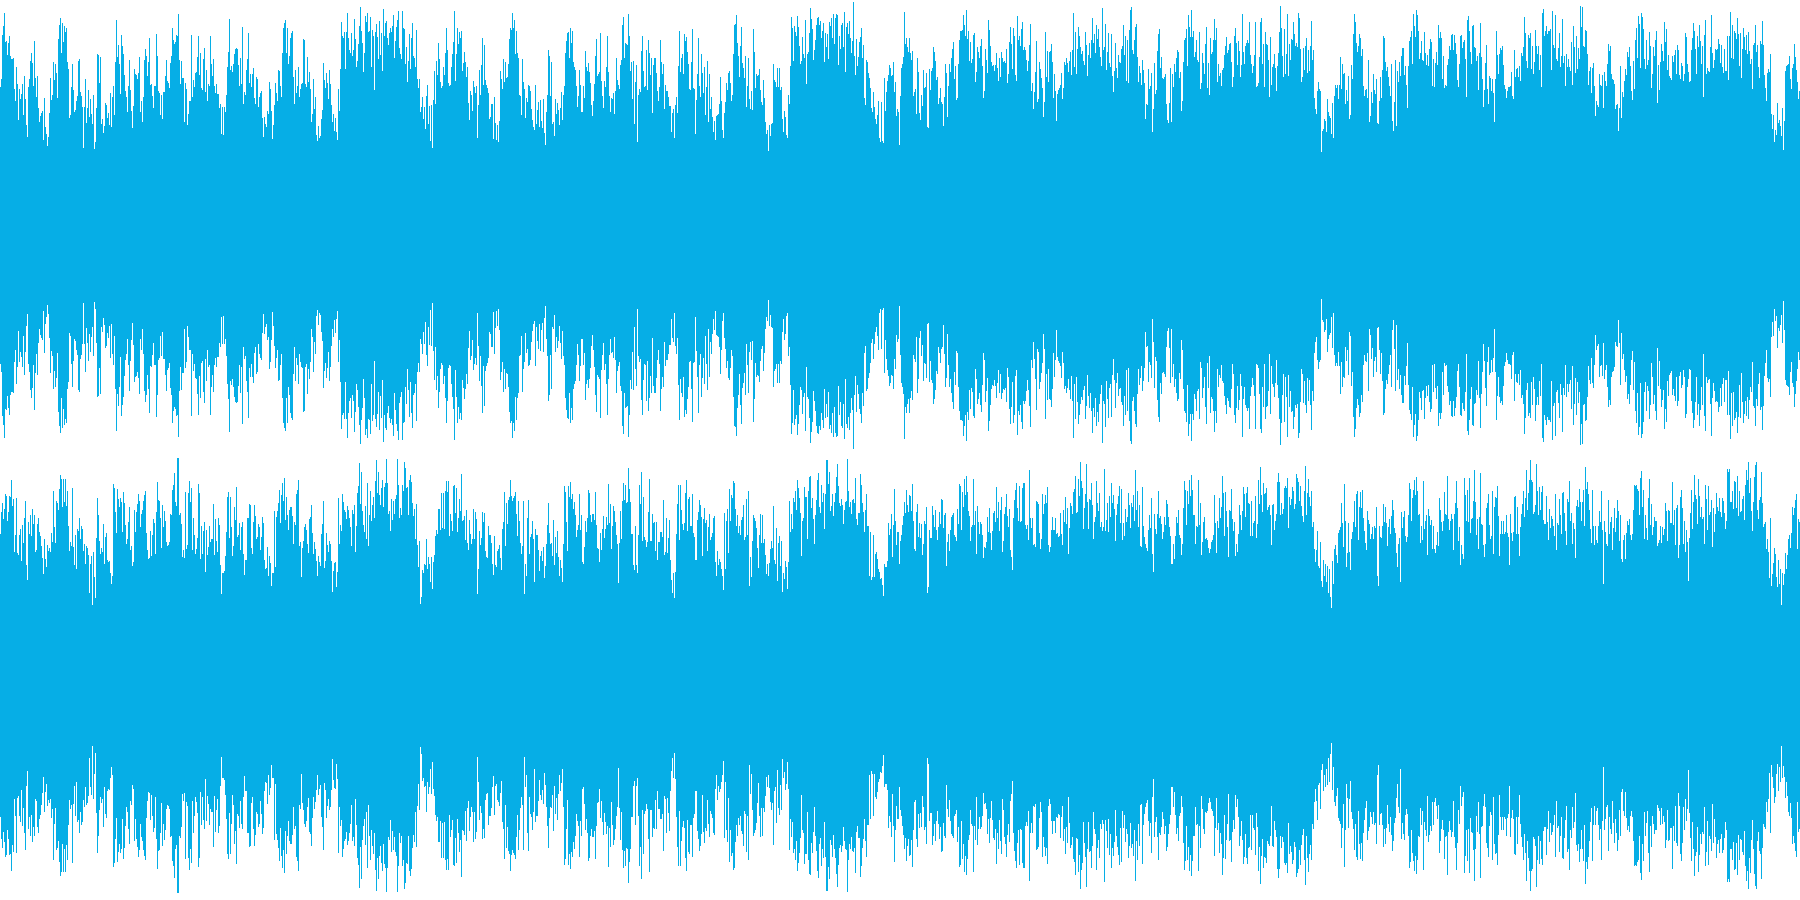 マップ画面・海賊海戦ループ・オーケストラの再生済みの波形